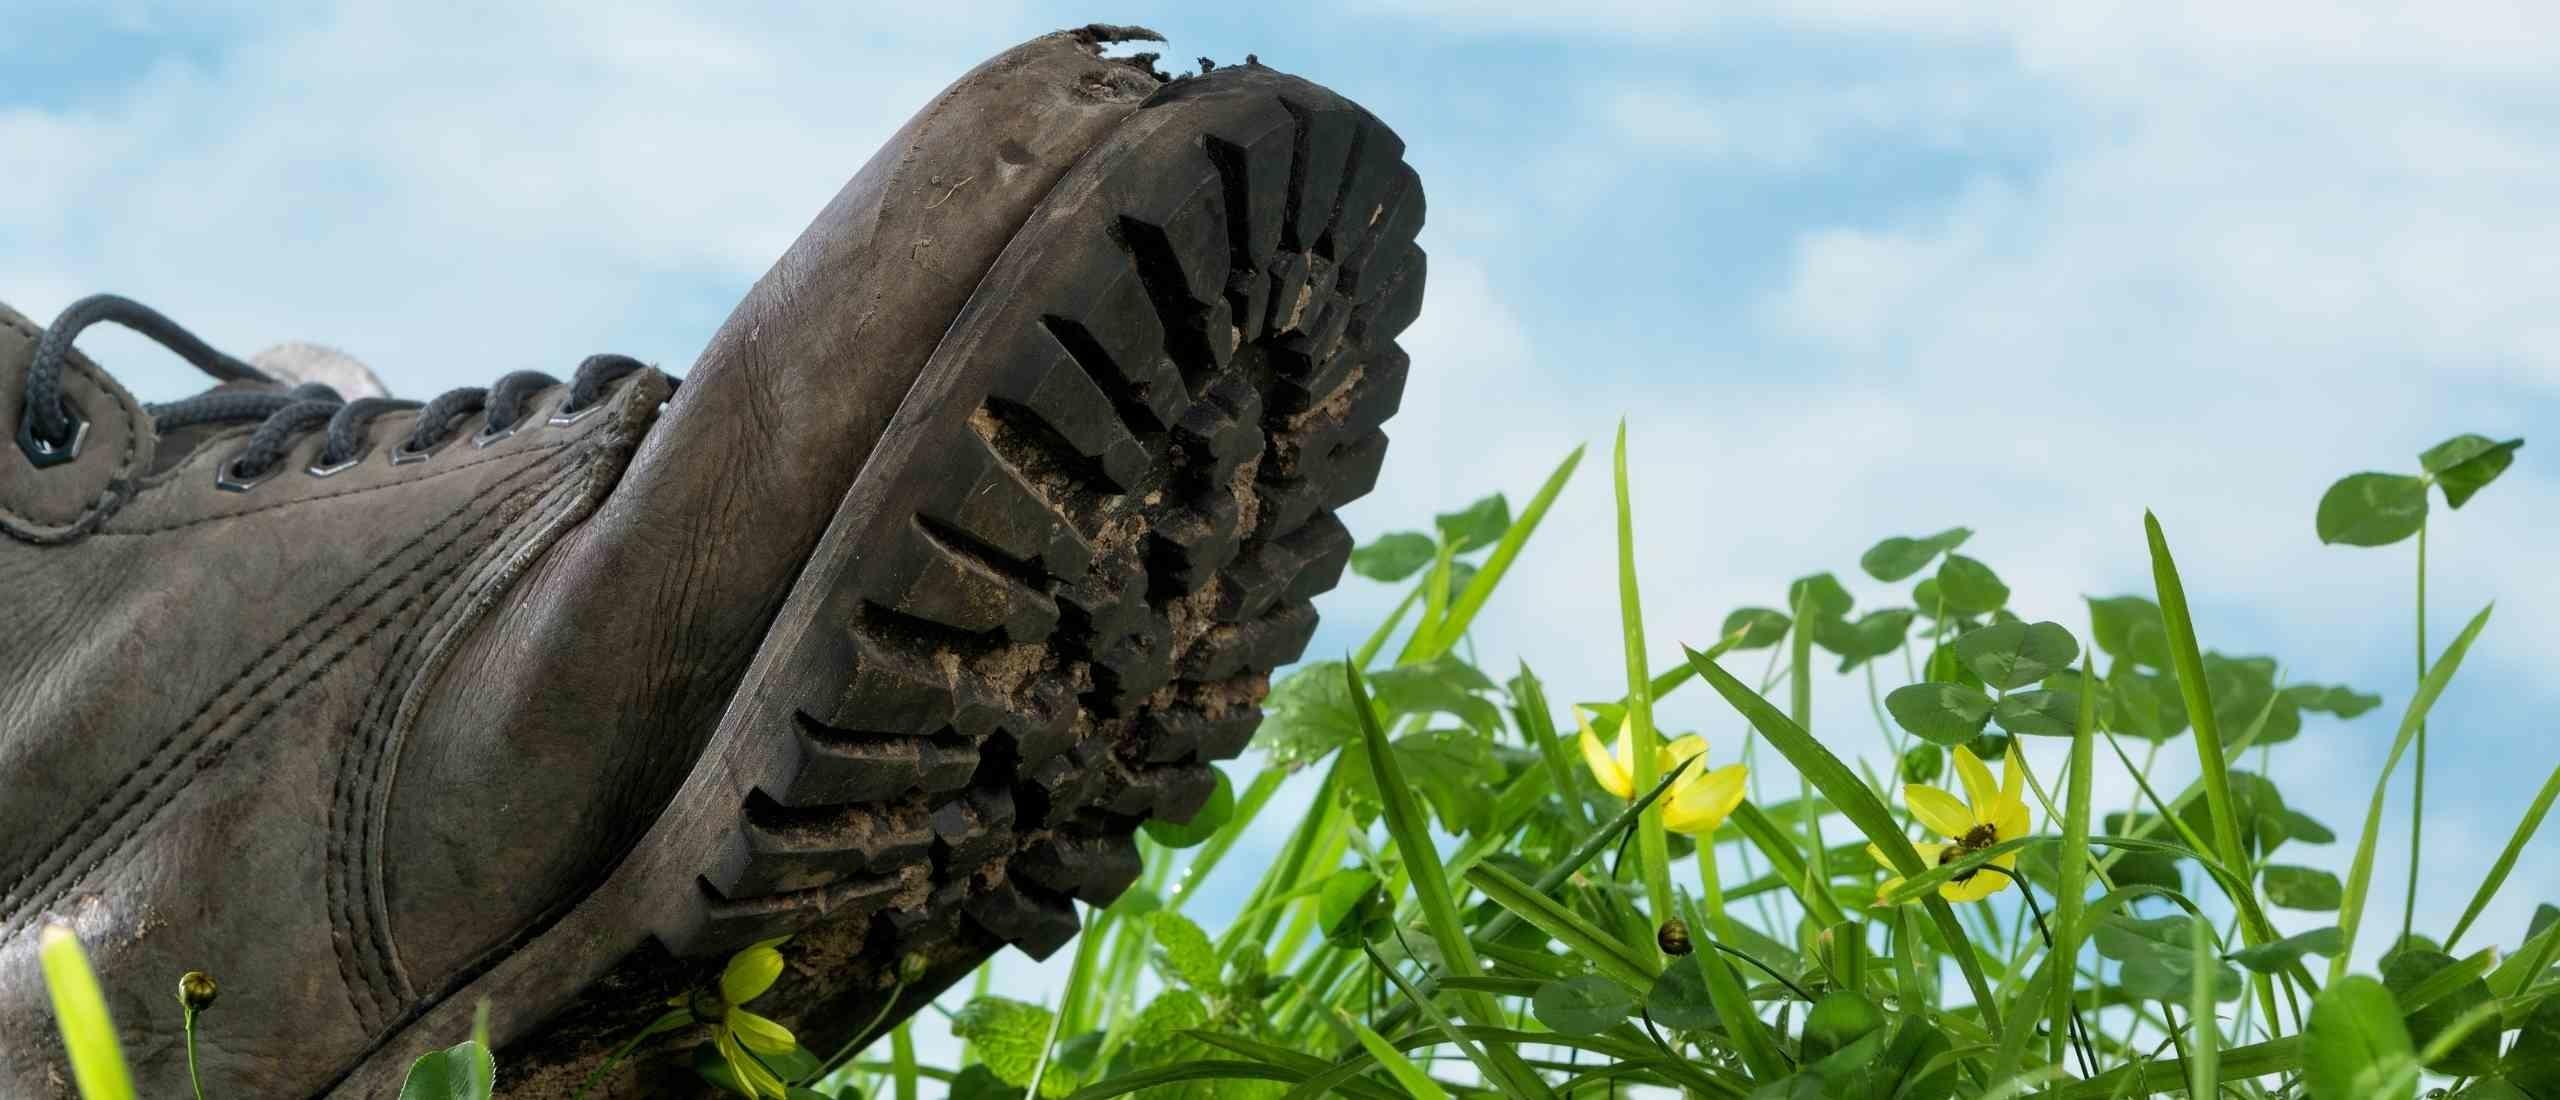 Wat is mijn ecologische voetafdruk?